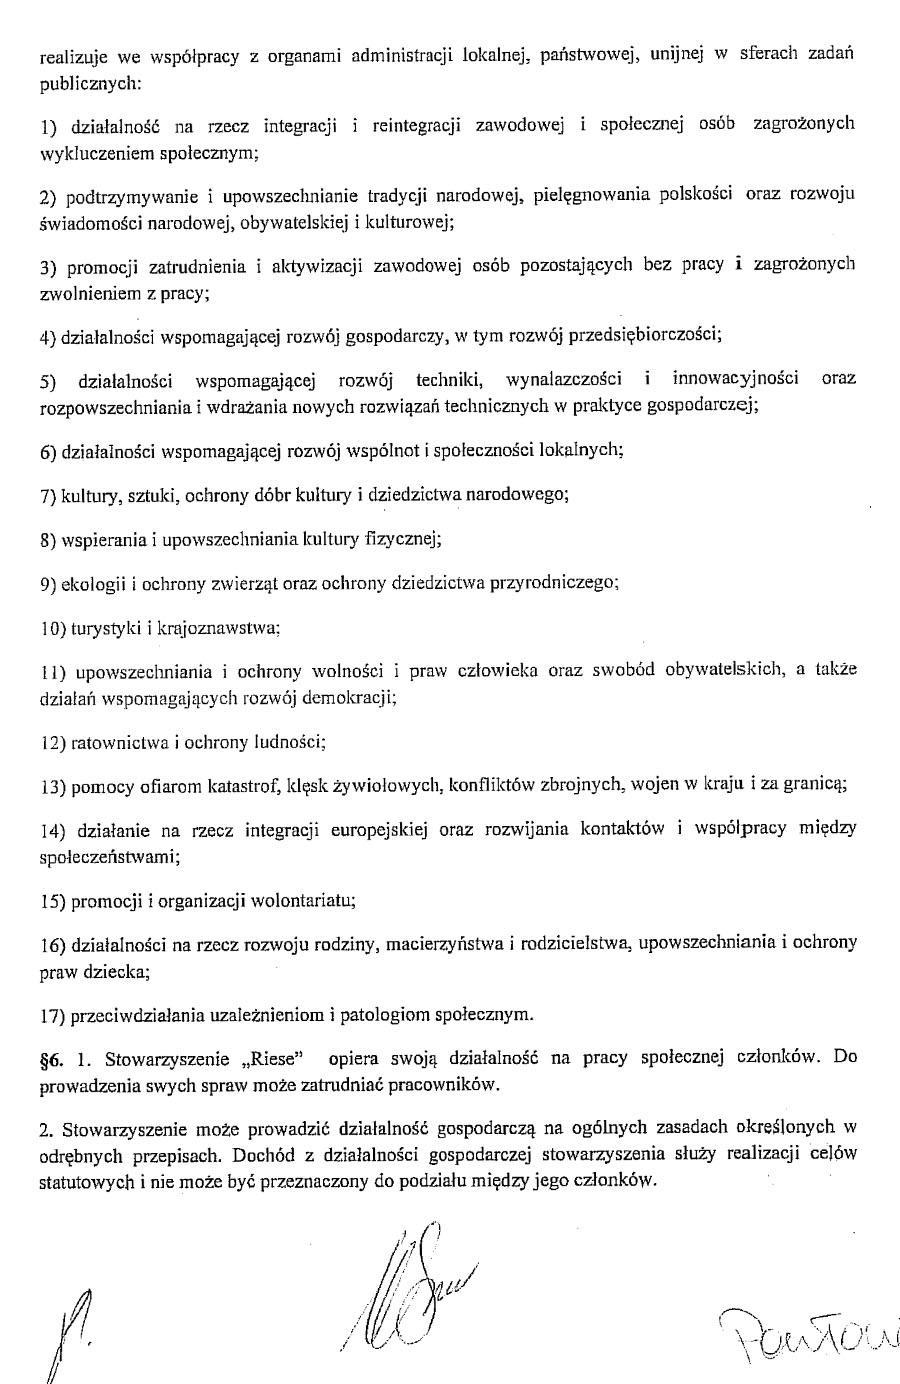 RIESE_Statut-4